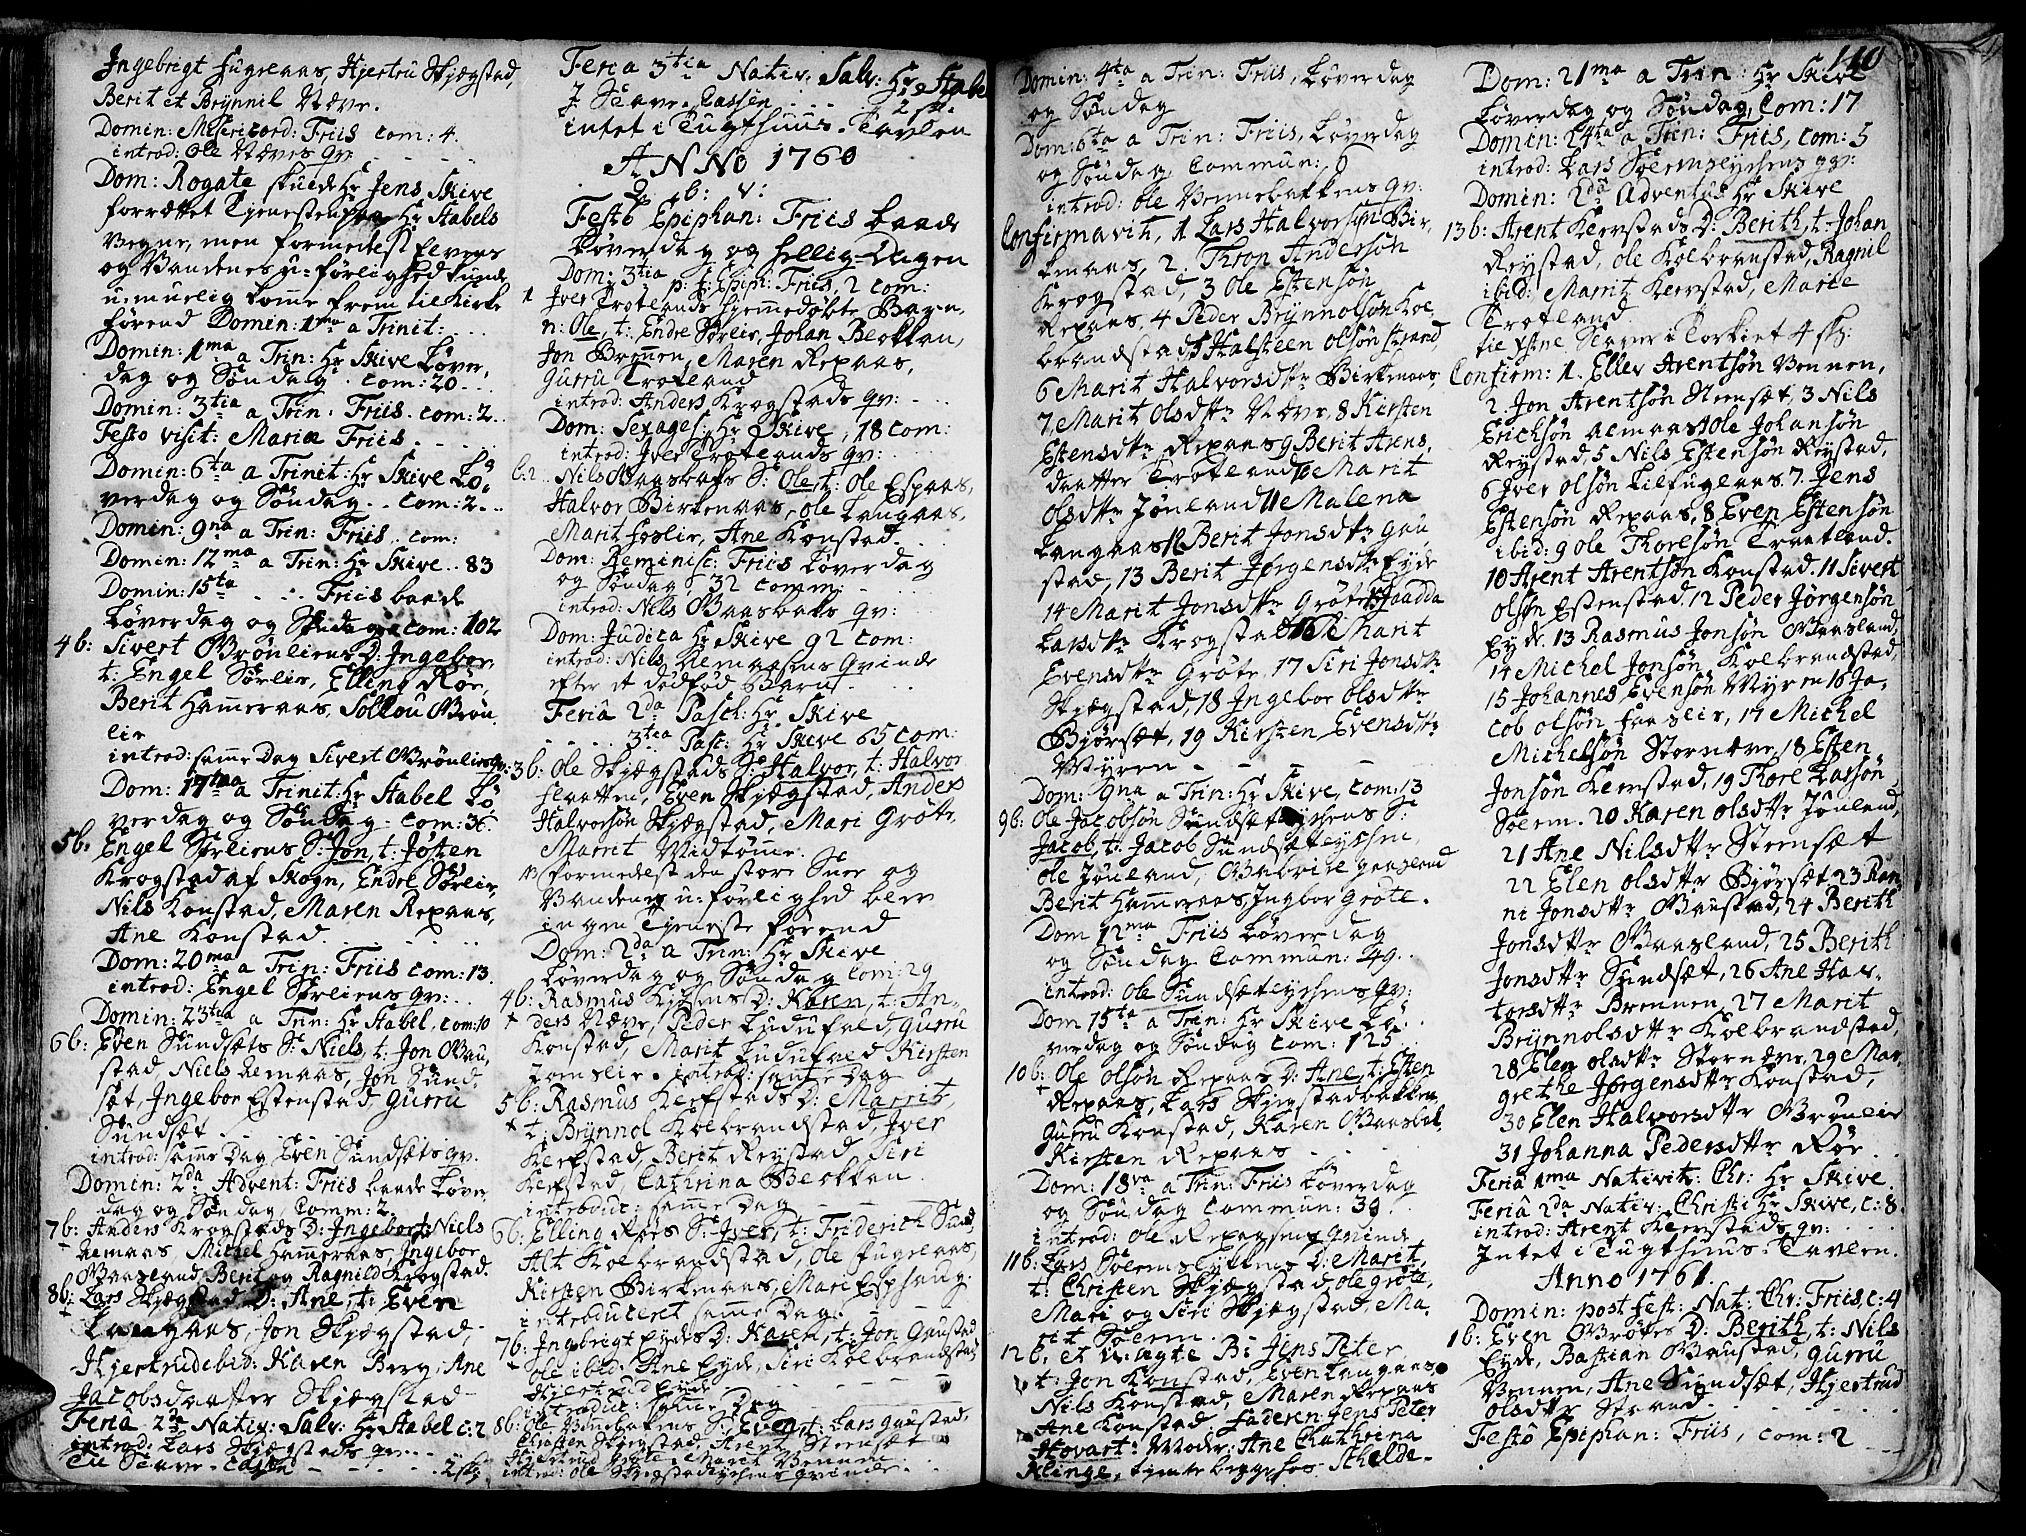 SAT, Ministerialprotokoller, klokkerbøker og fødselsregistre - Sør-Trøndelag, 691/L1060: Ministerialbok nr. 691A01 /4, 1740-1767, s. 110